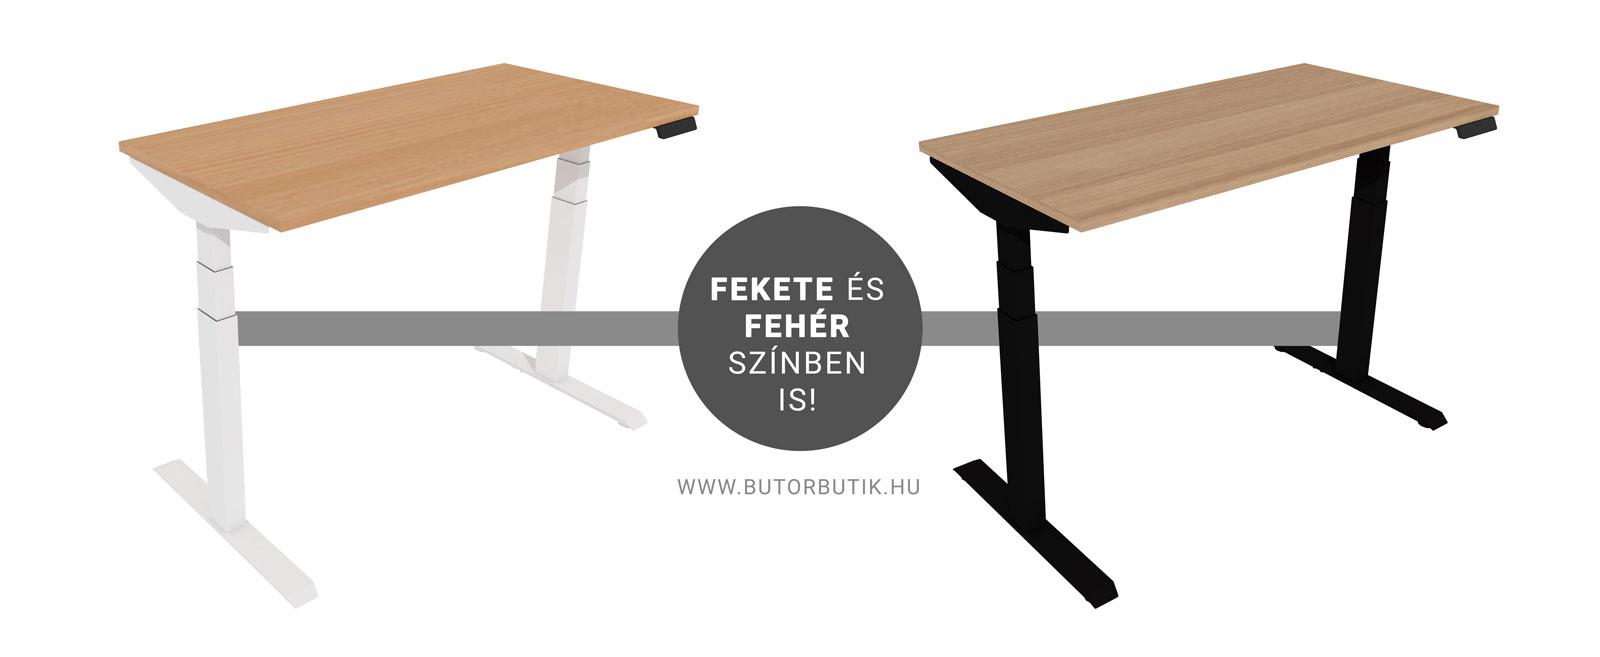 Elektromosan emelhető állítható asztal fekete és fehér lábazat színnel is.